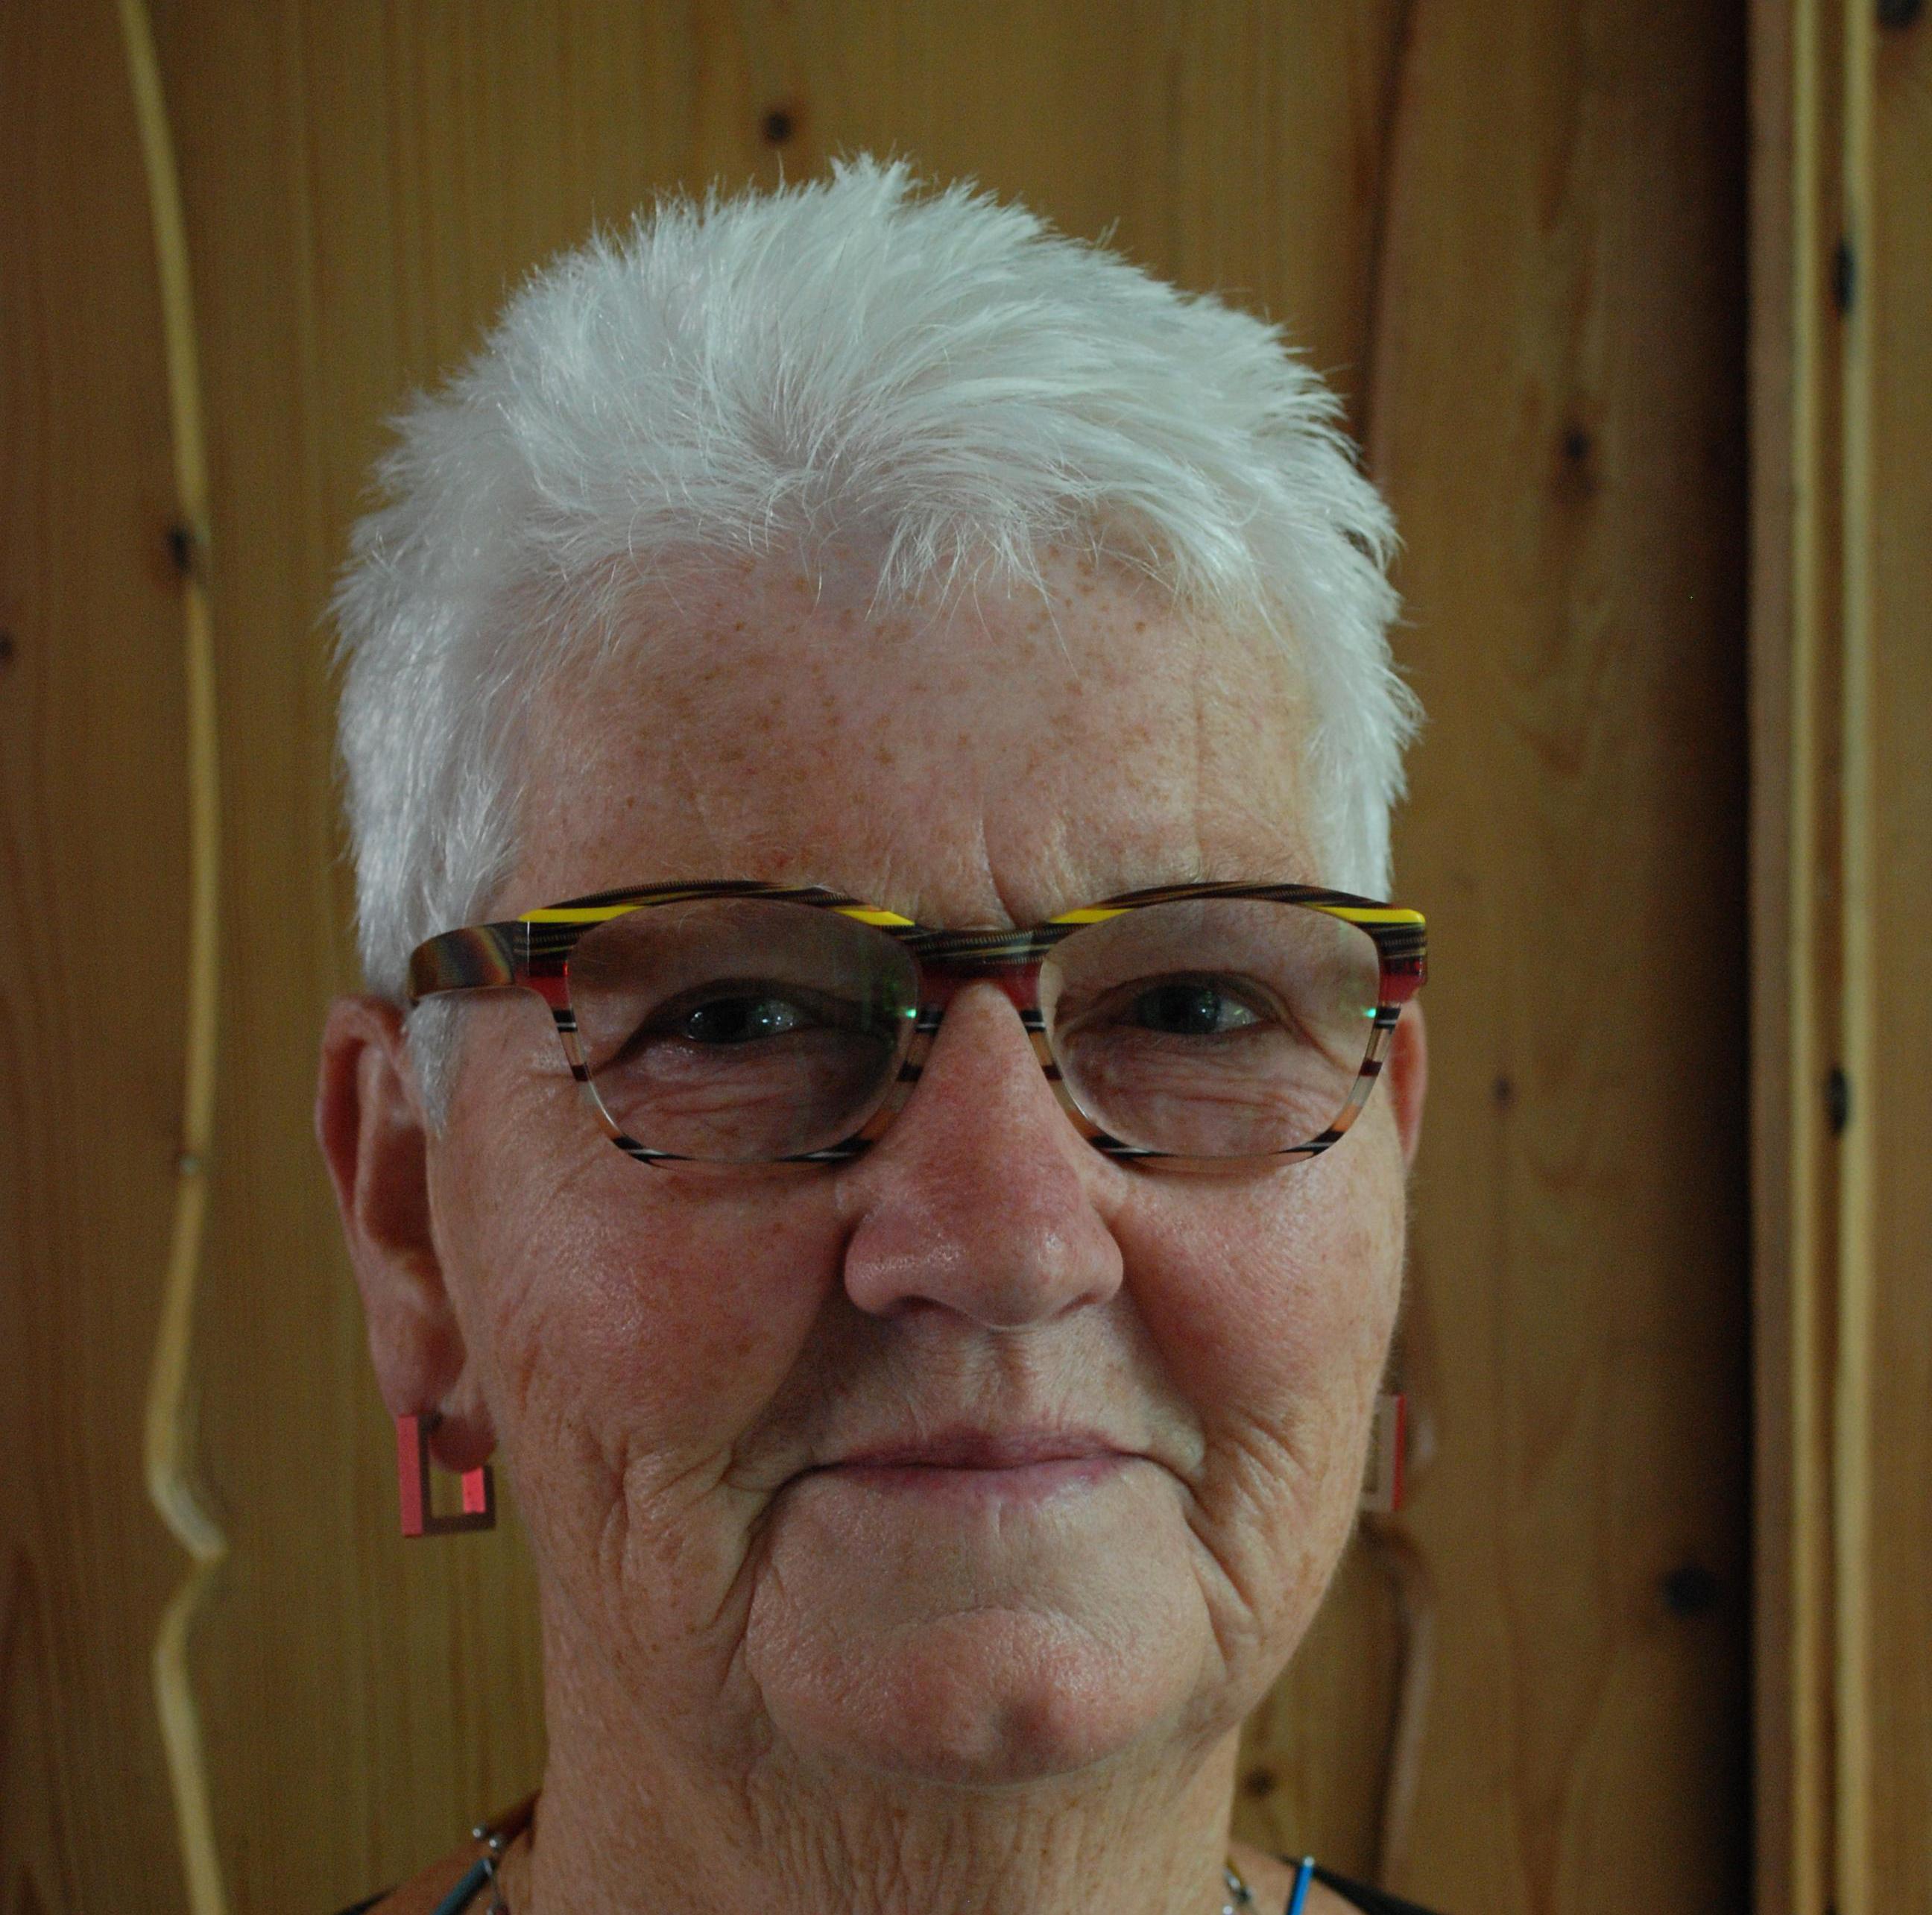 Corry de Krijger-Bogers (1949-2020) uit Hoorn was de spil, steun en toeverlaat, binnen en buiten haar gezin. Toen kwam corona. 'We missen het zonnetje in huis'